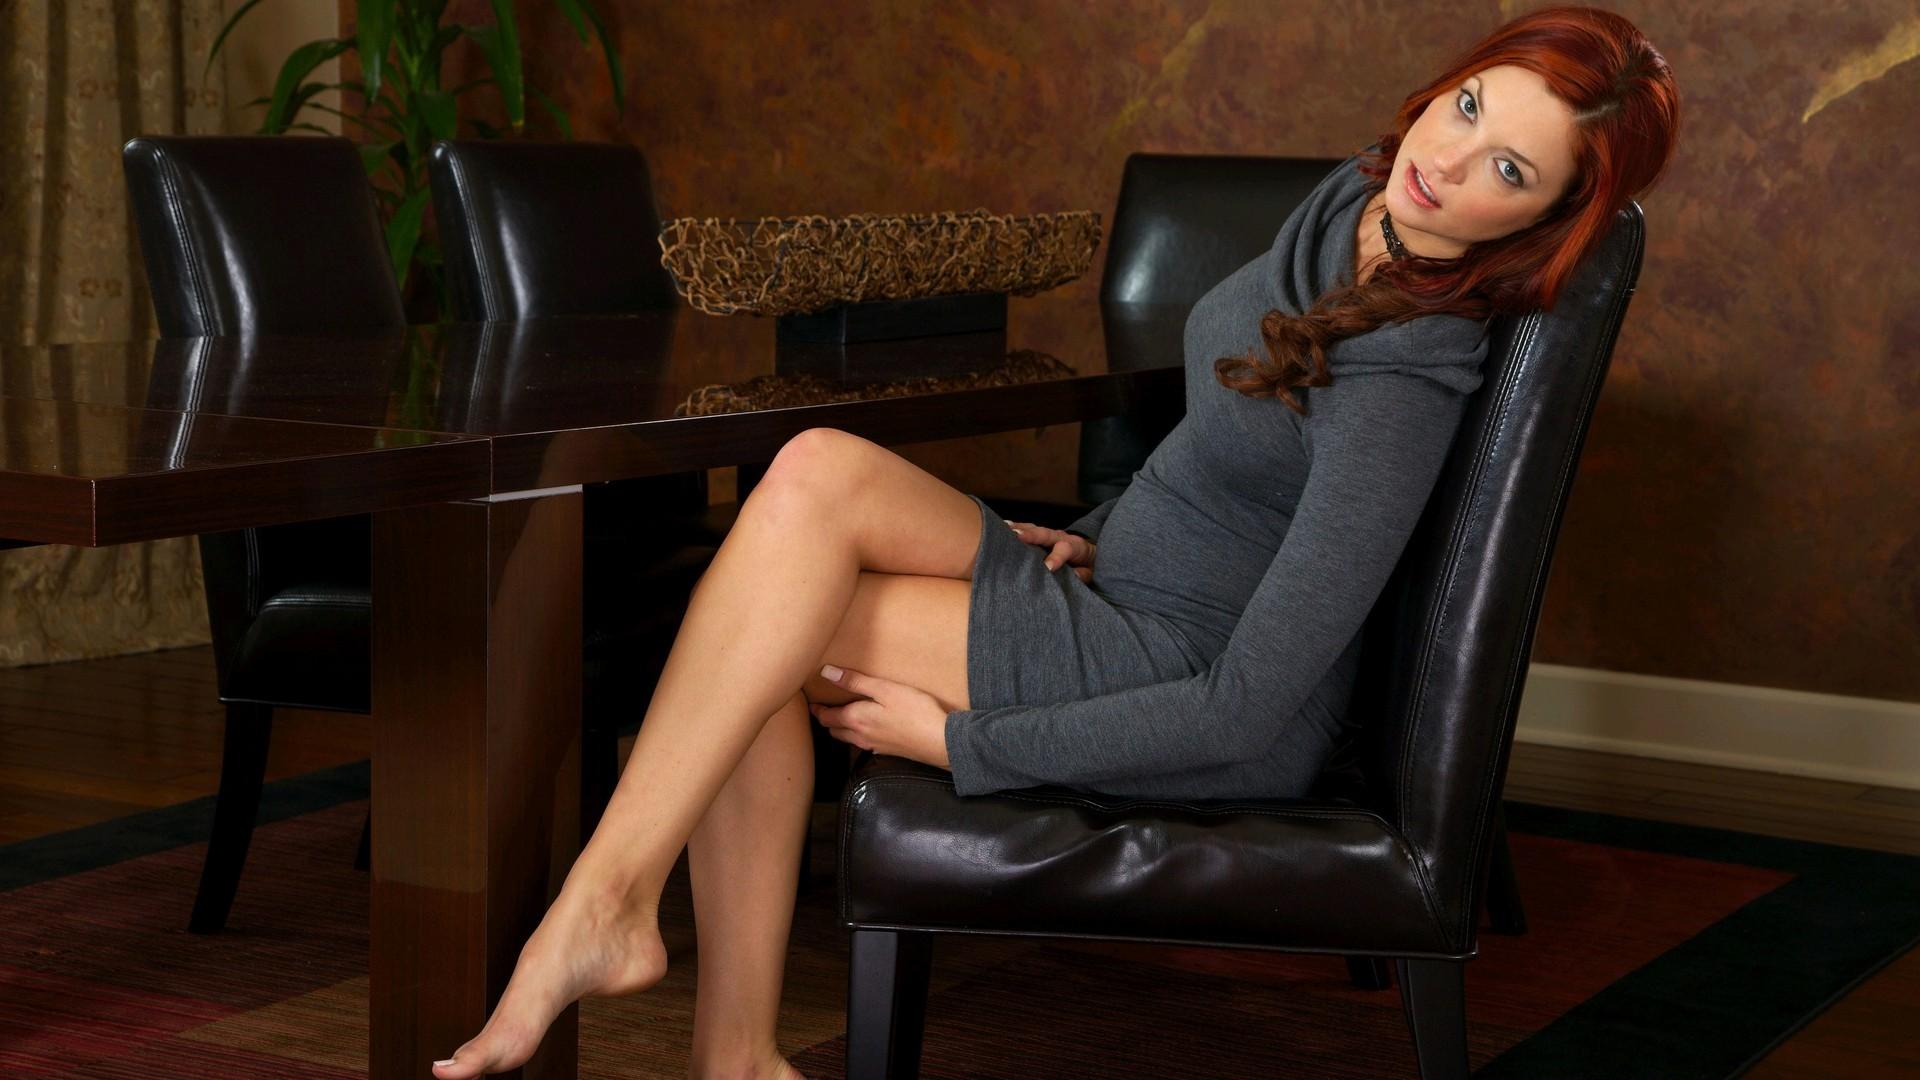 Legs Women Wallpaper 1920x1080 Legs Women Dress Redheads Feet 1920x1080